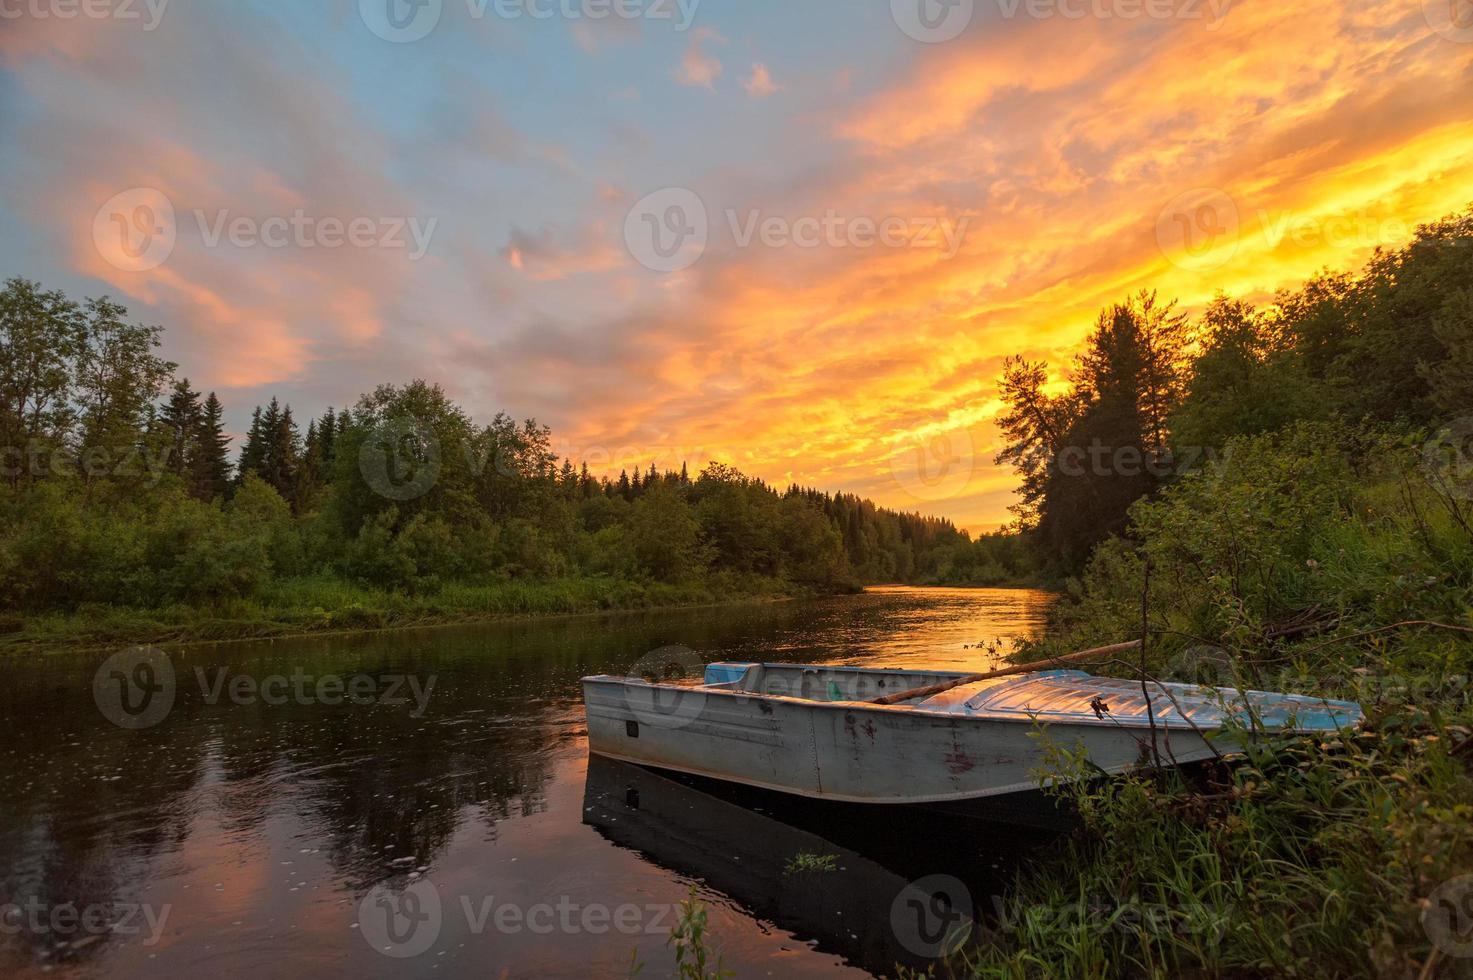 coucher de soleil spectaculaire lumineux sur la rivière avec bateau en premier plan photo